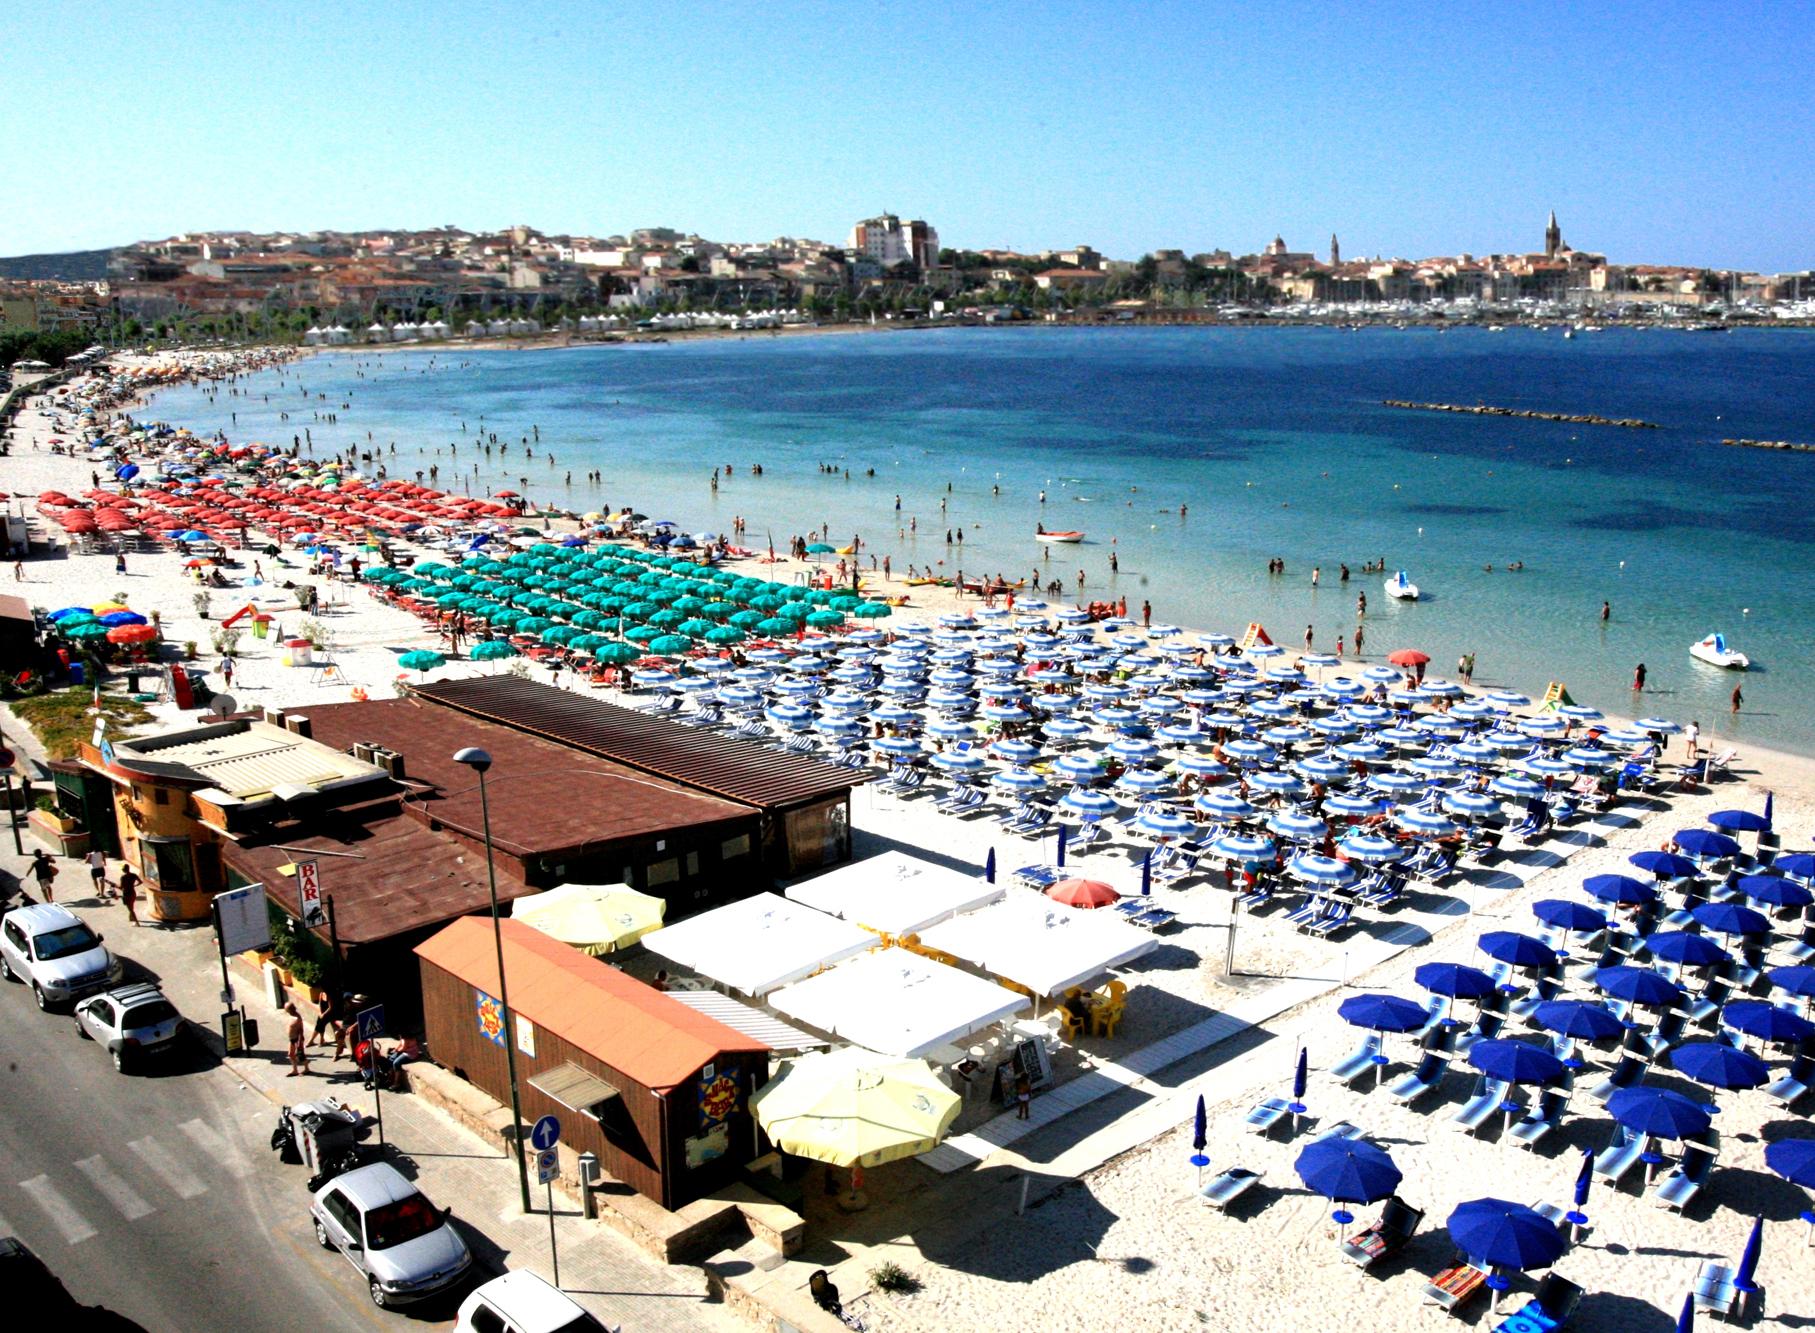 Les 9 plus belles plages d' Alghero